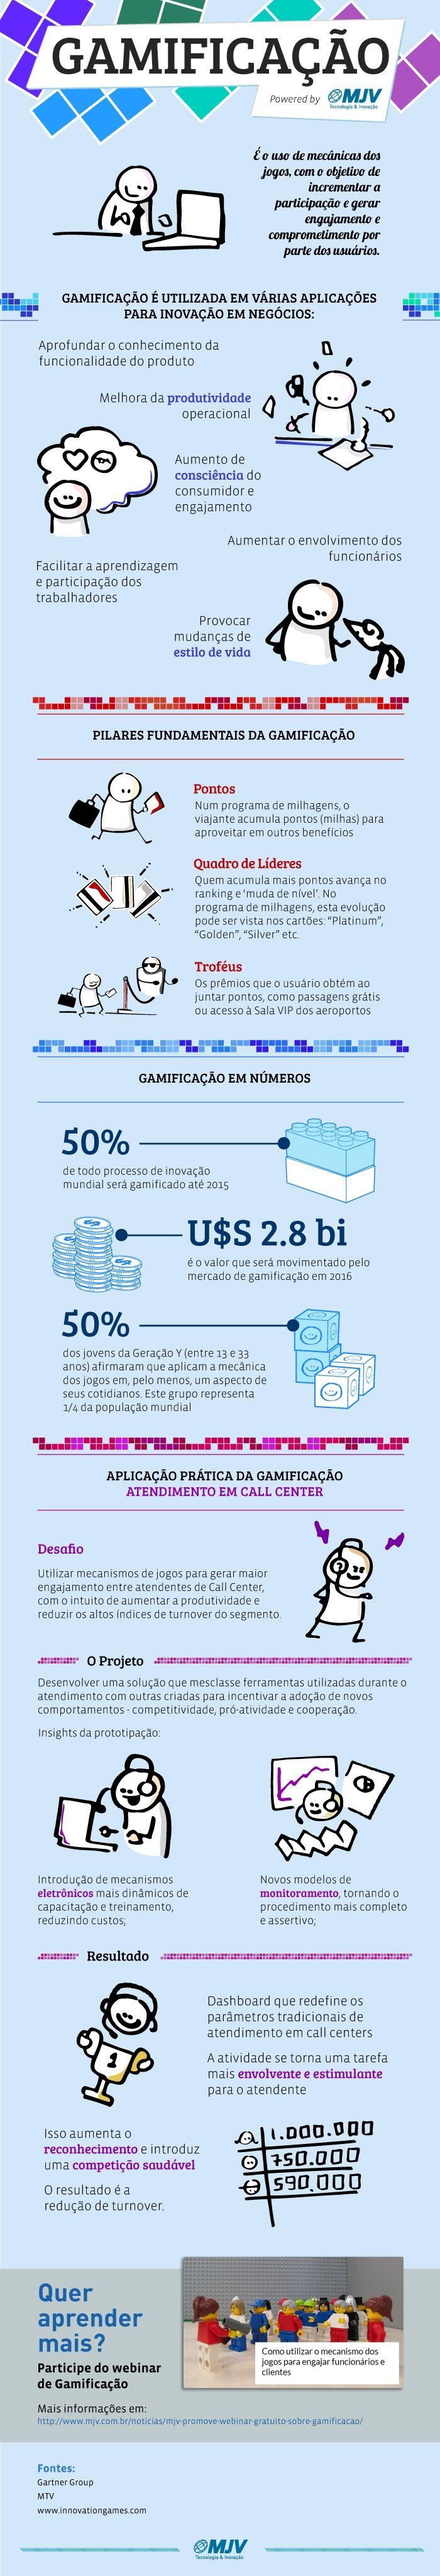 Você sabe o que é Gamificação? Baixe gratuitamente o nosso livro! http://www.livrogamification.com.br/